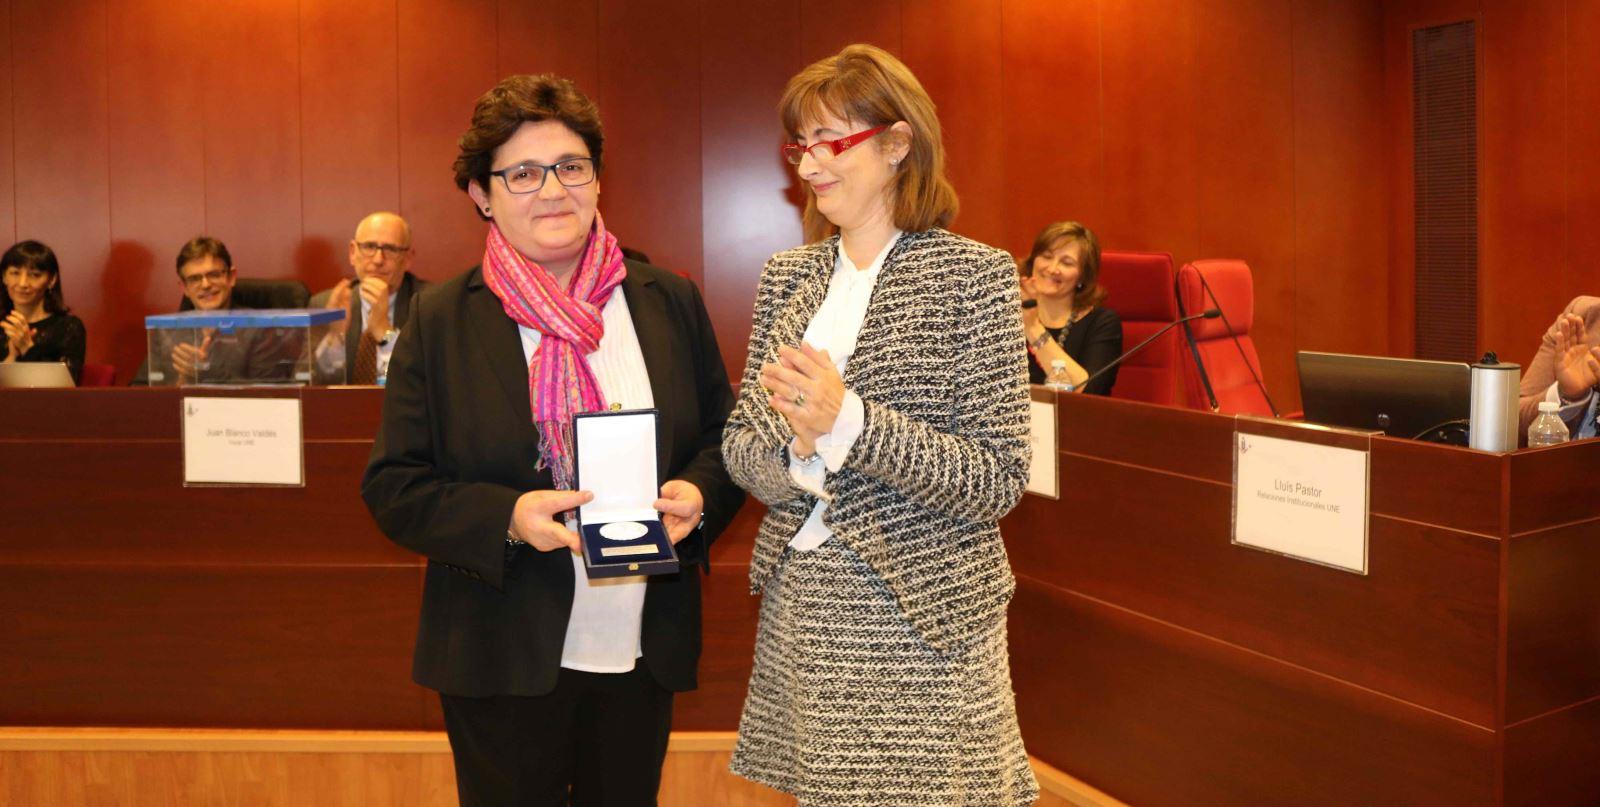 Medalla de Honor de la UNE a Inmaculada Delgado